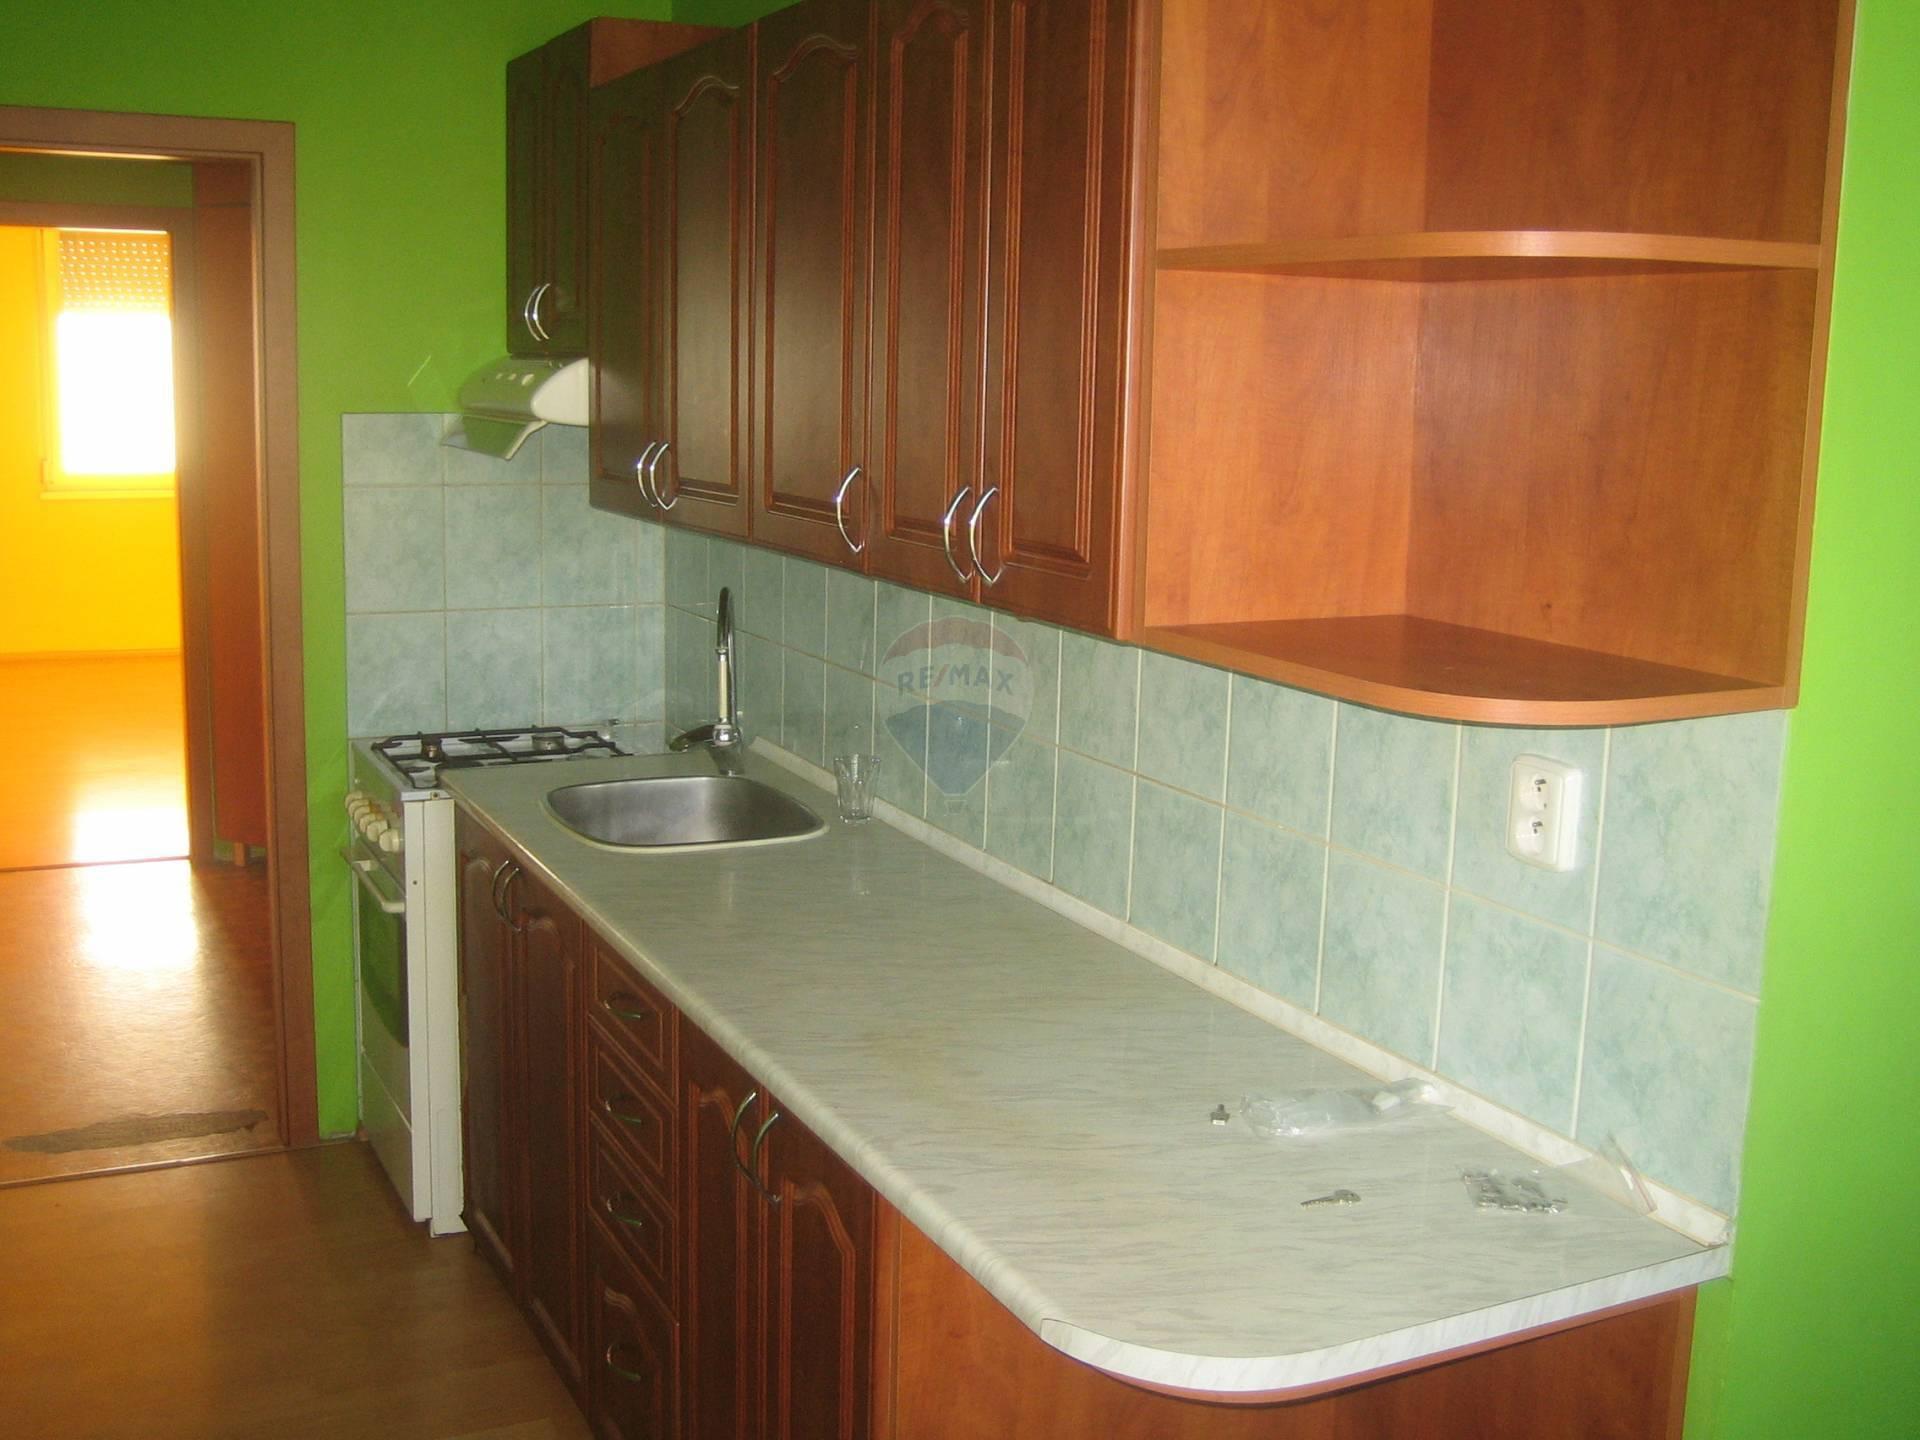 =RE/MAX prenájom nehnuteľnosti, 2 izbový byt, Trnava